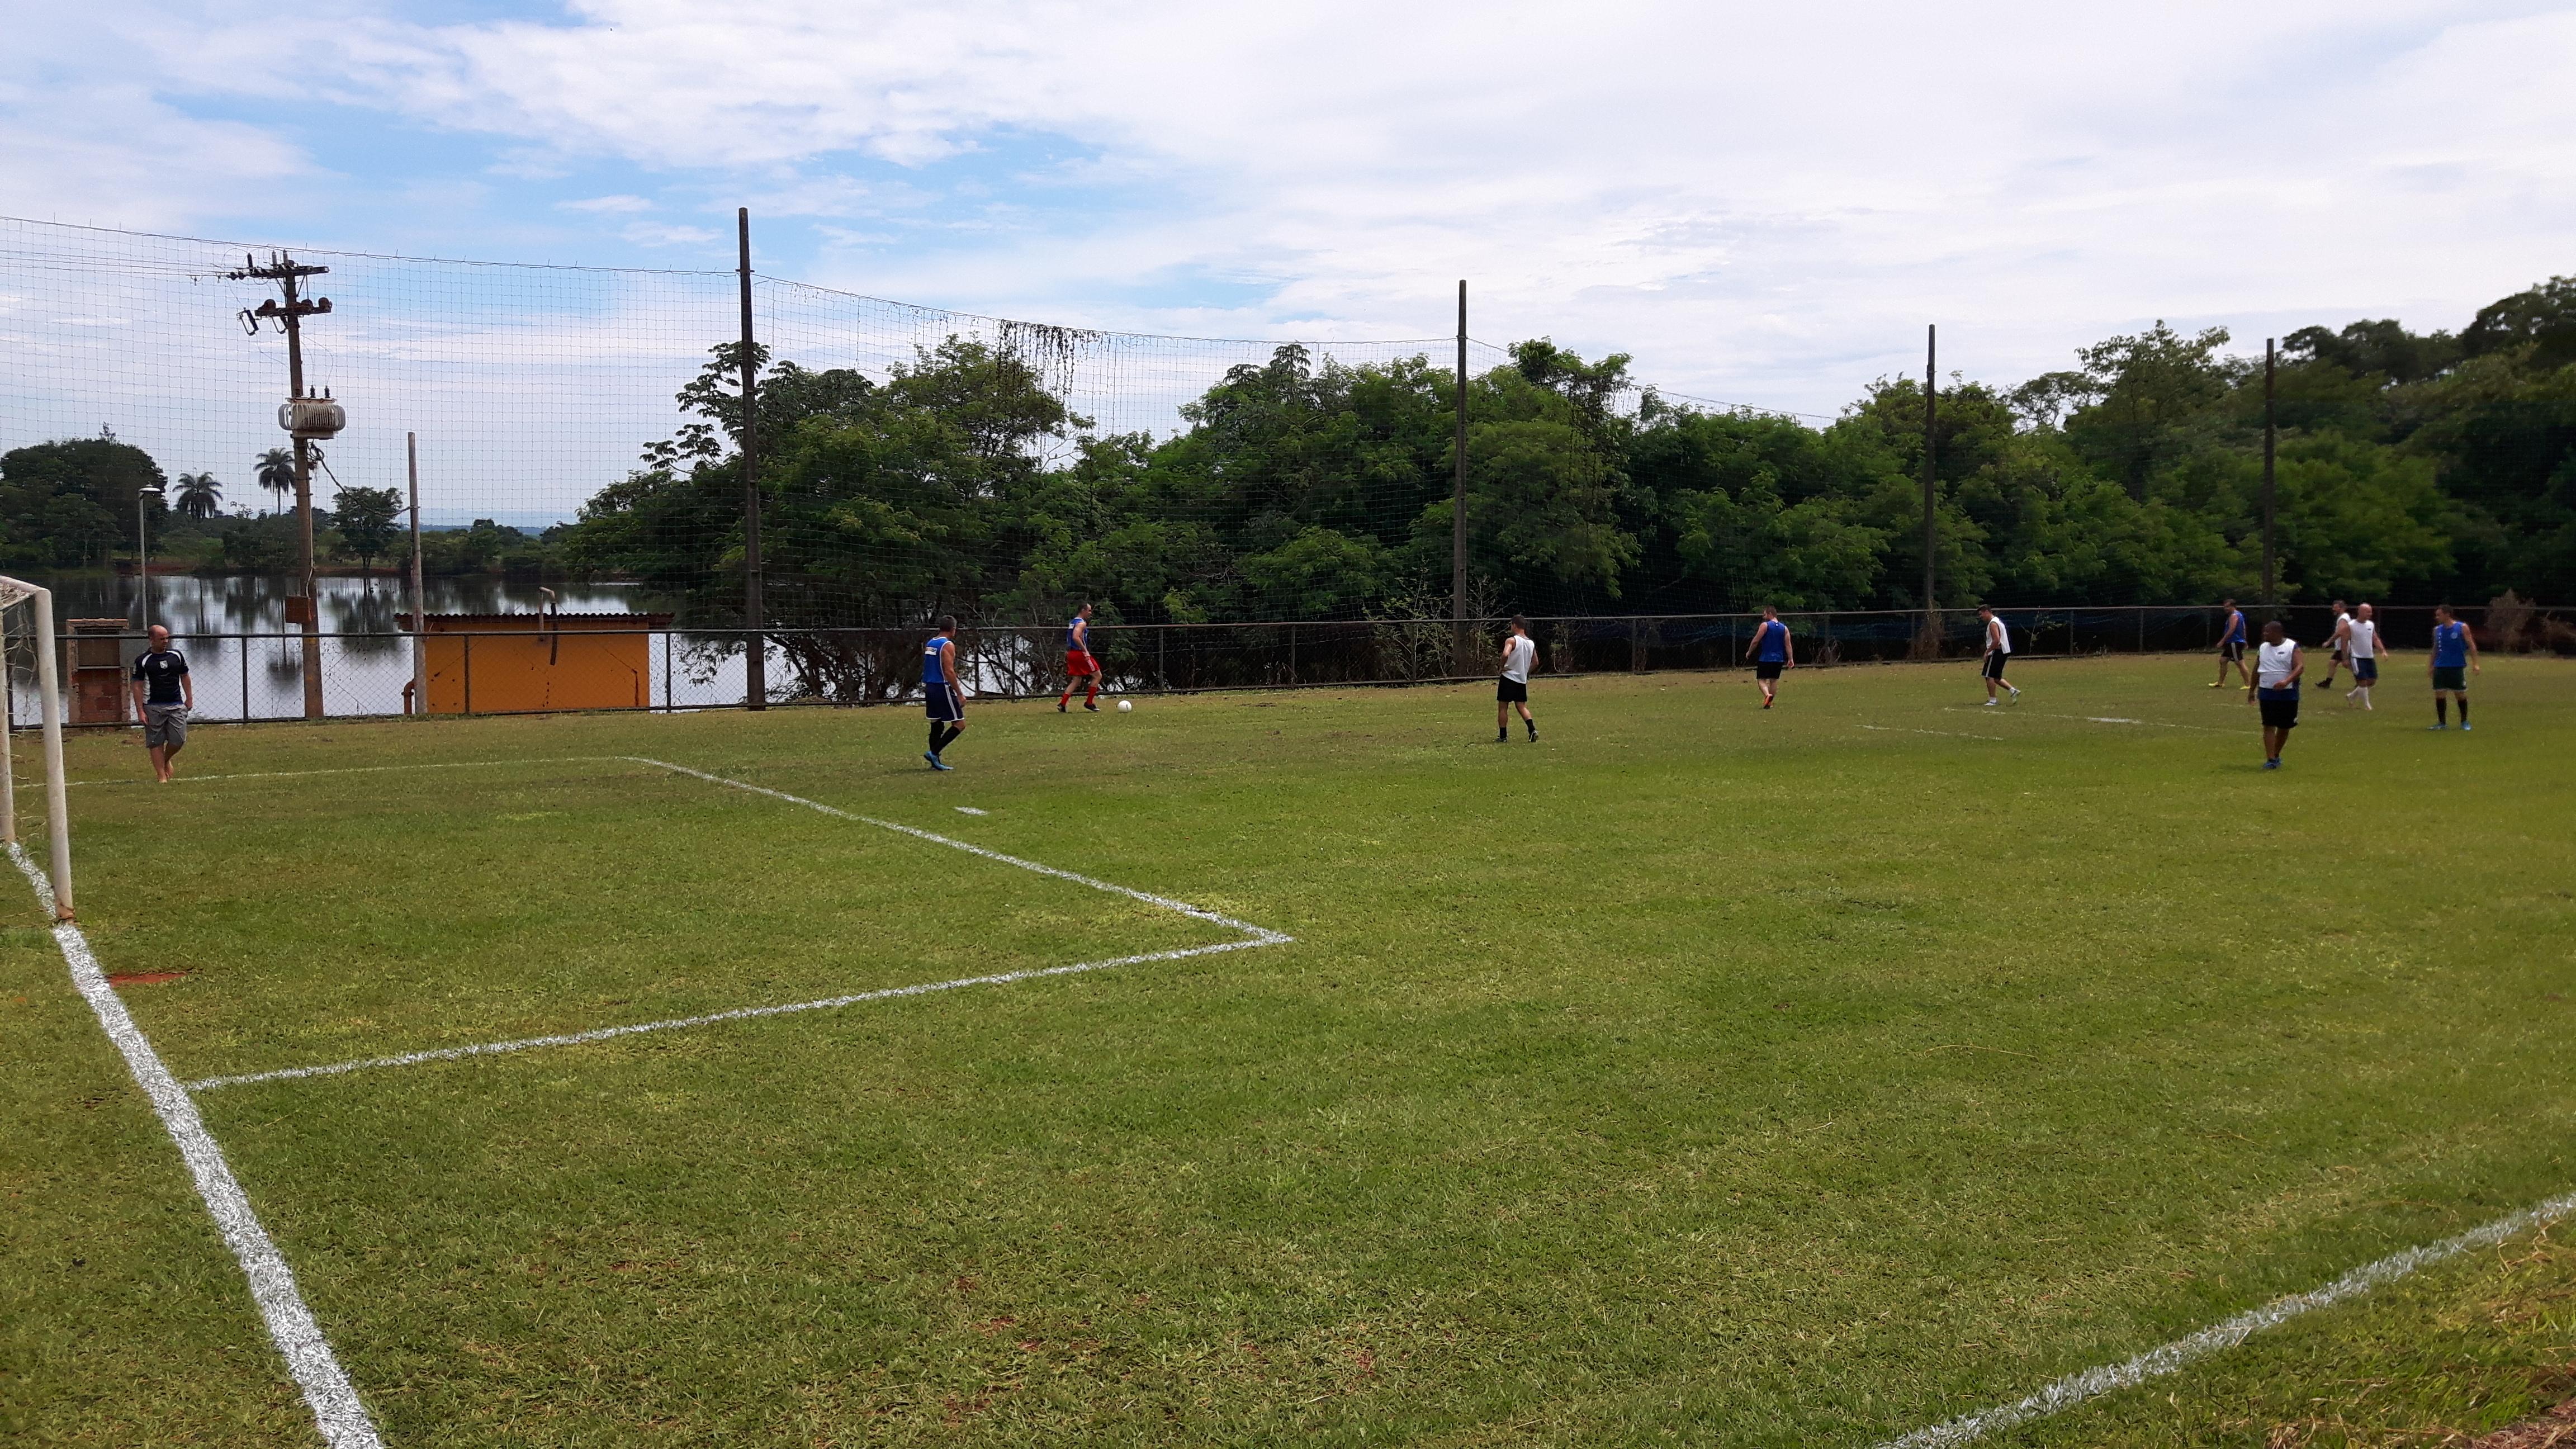 Campo de Futebol Society AFCPS